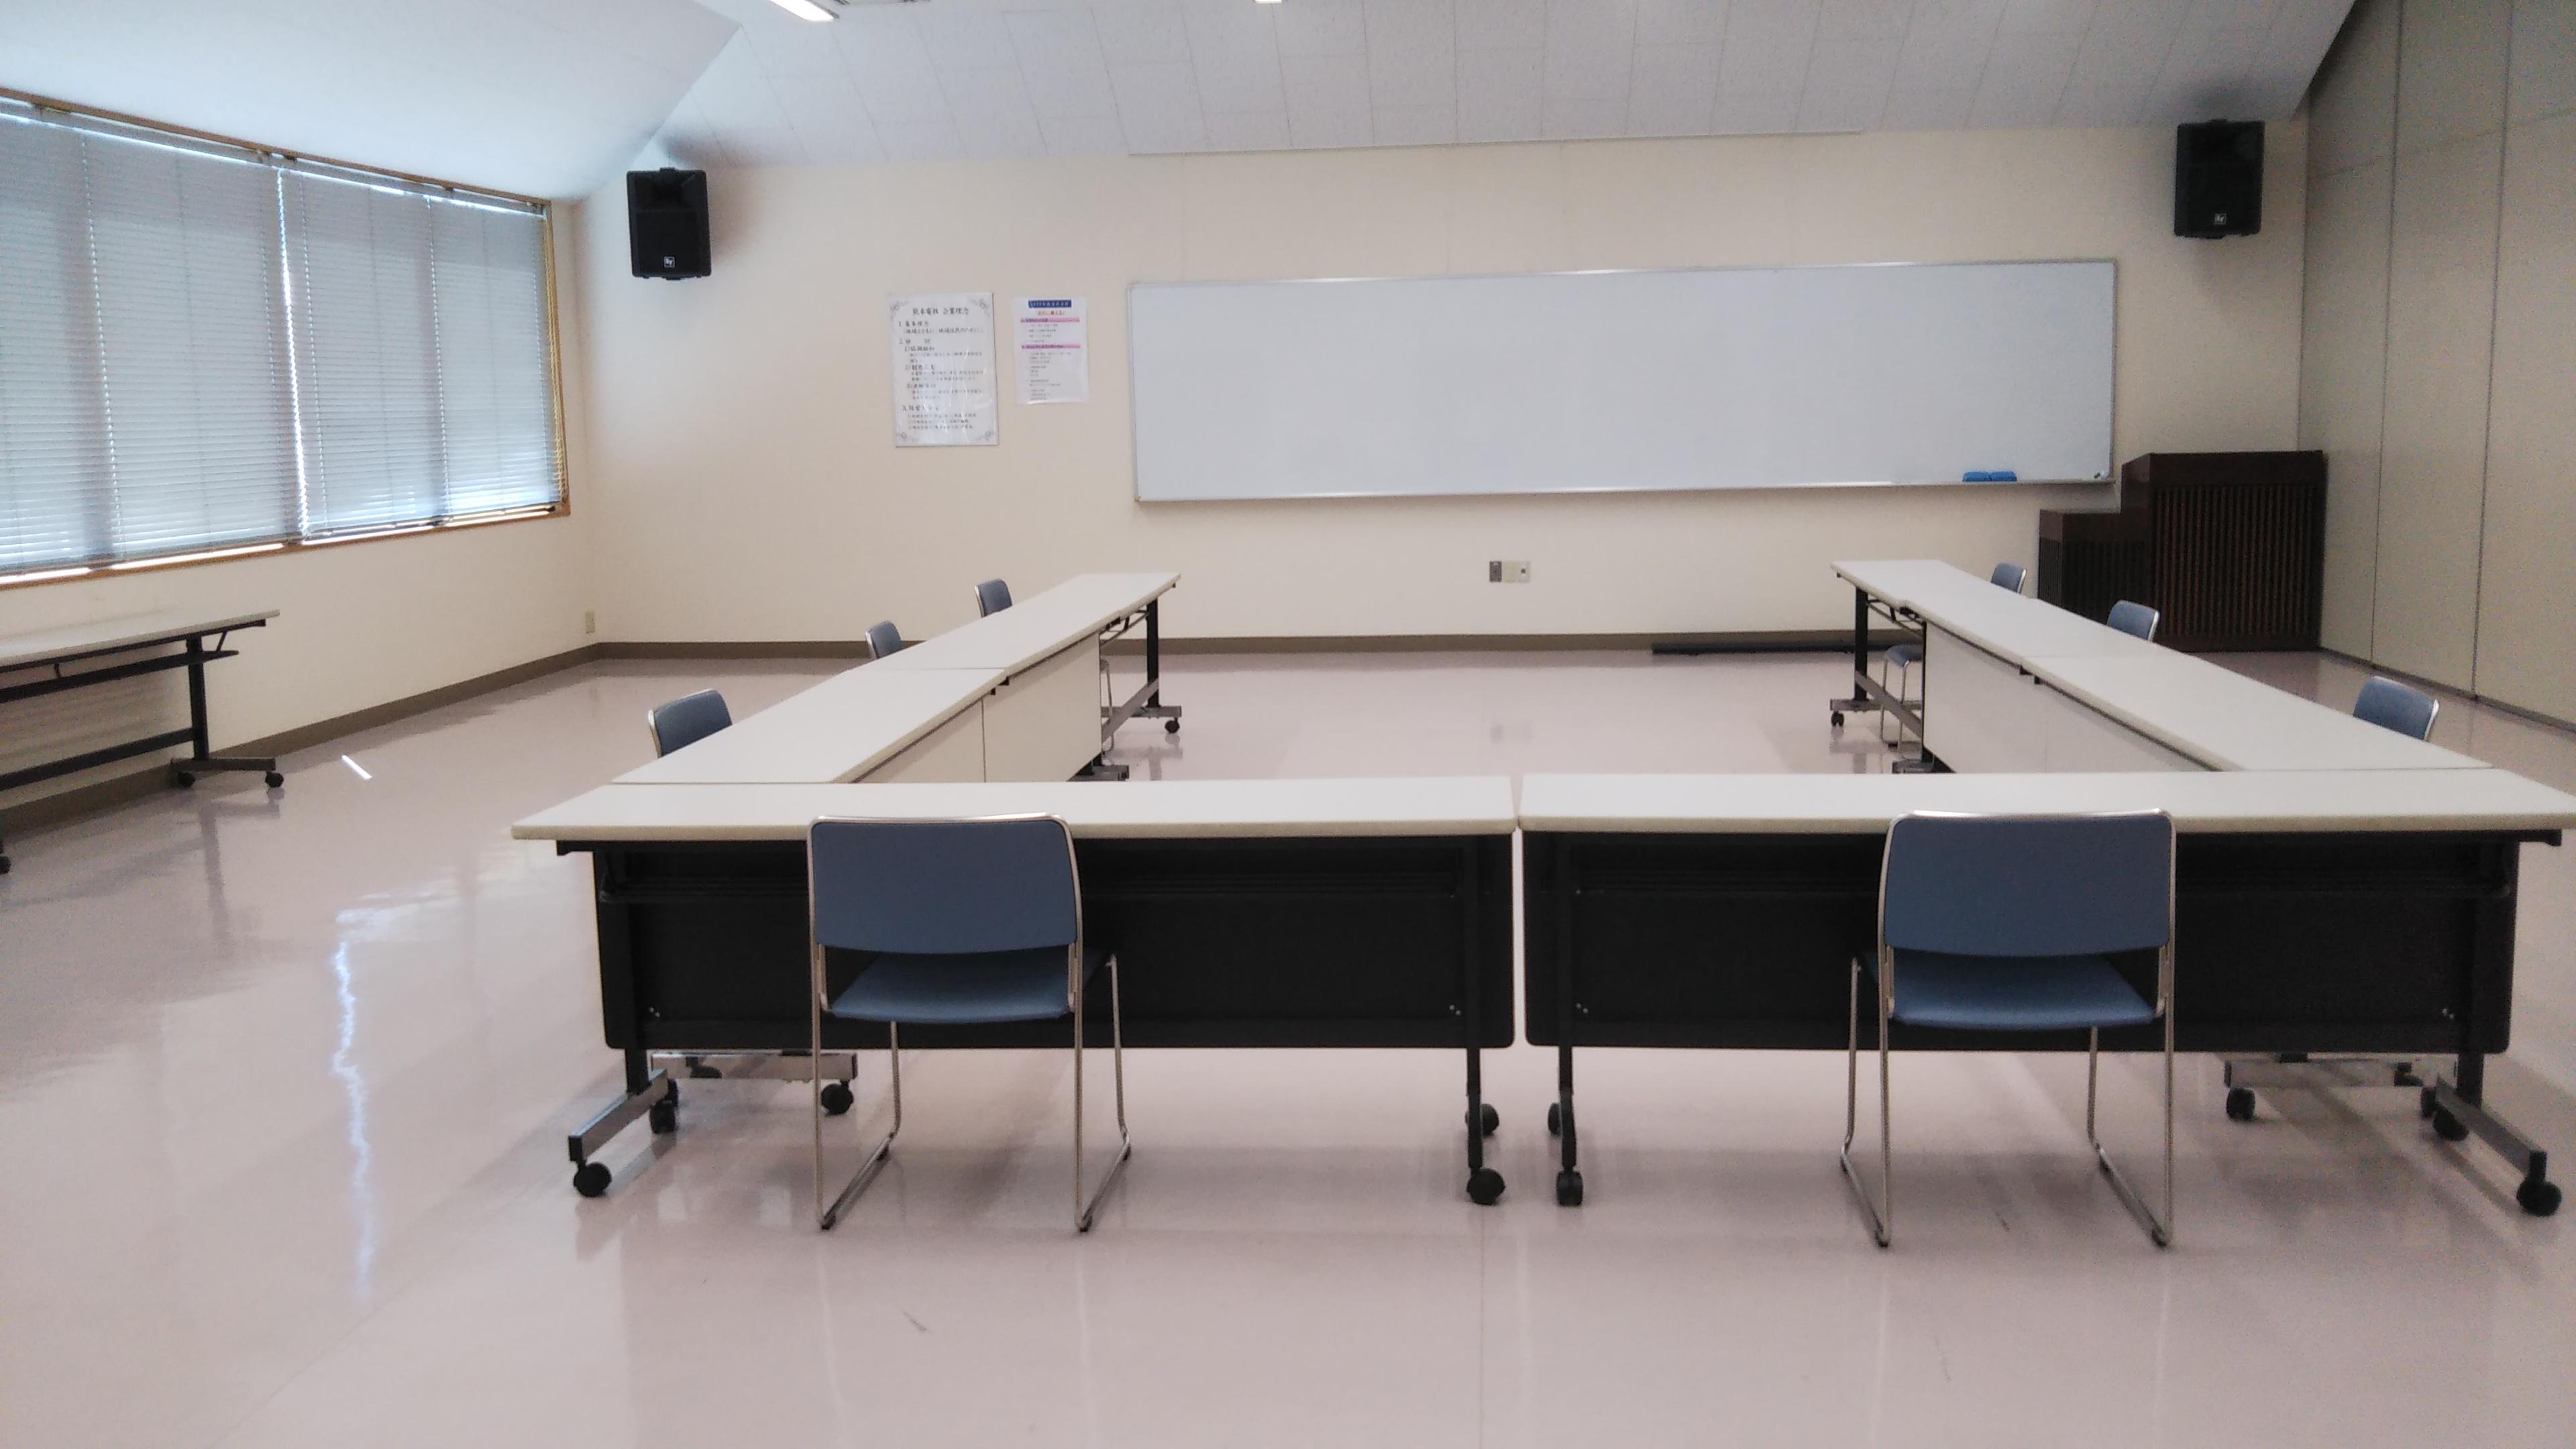 大会議室(会議形式)  - 熊本電気鉄道株式会社別館 大会議室の利用の室内の写真